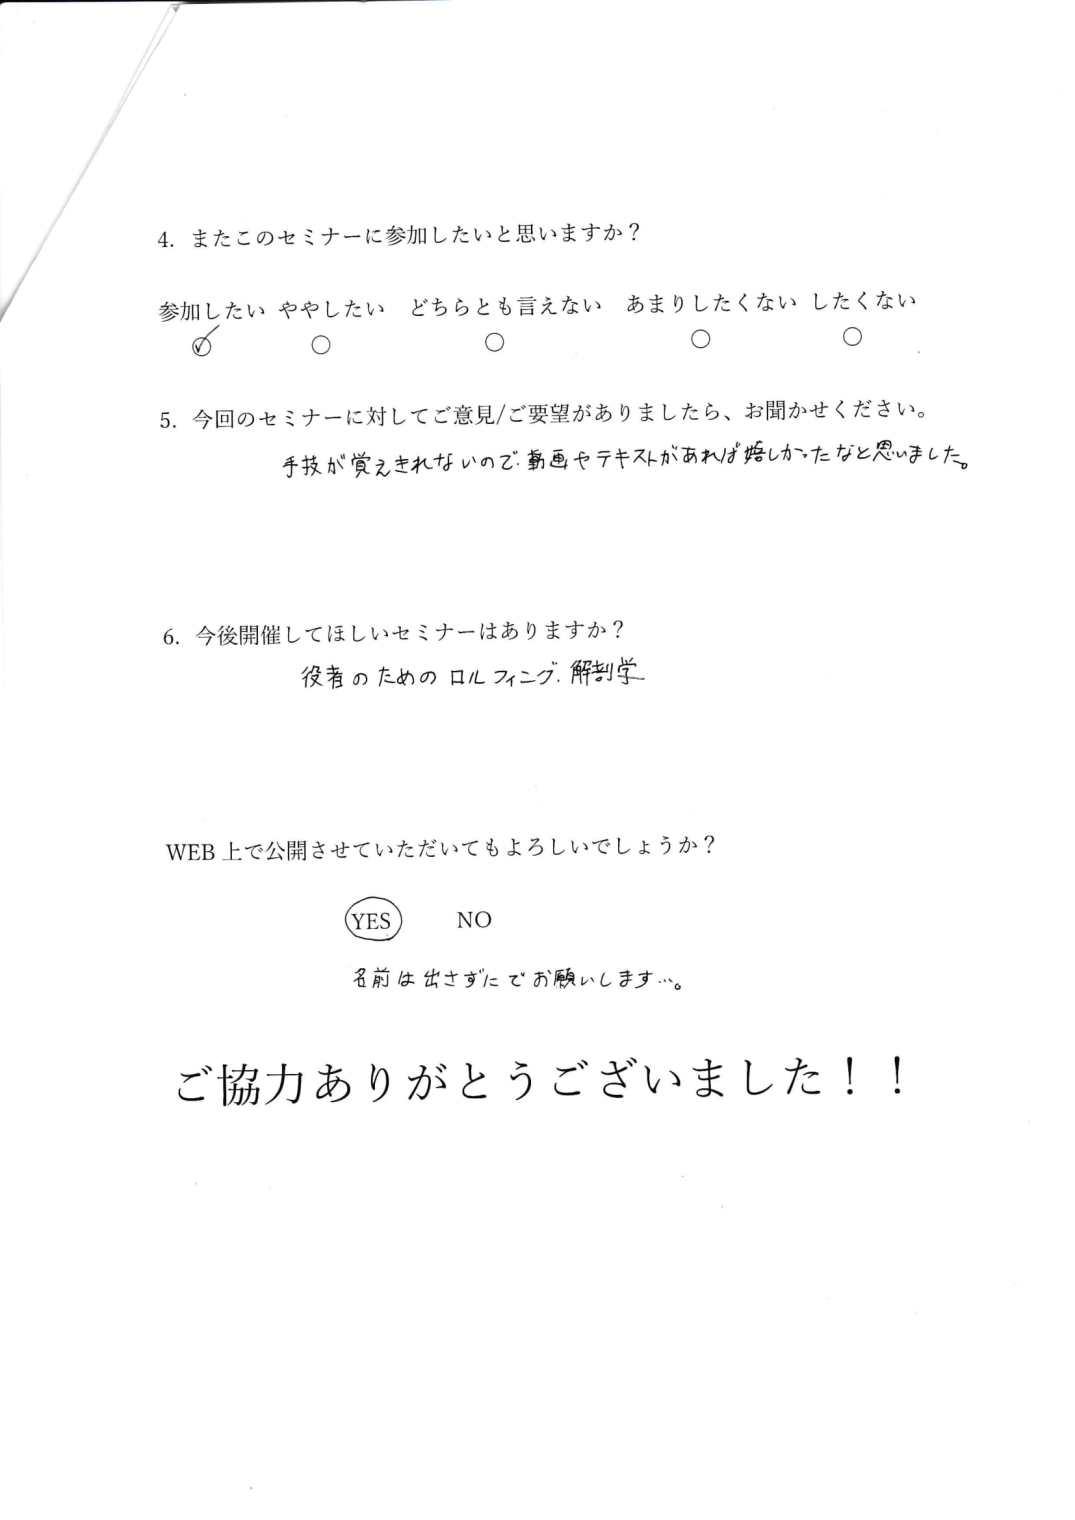 藤岡さん 感想2-1